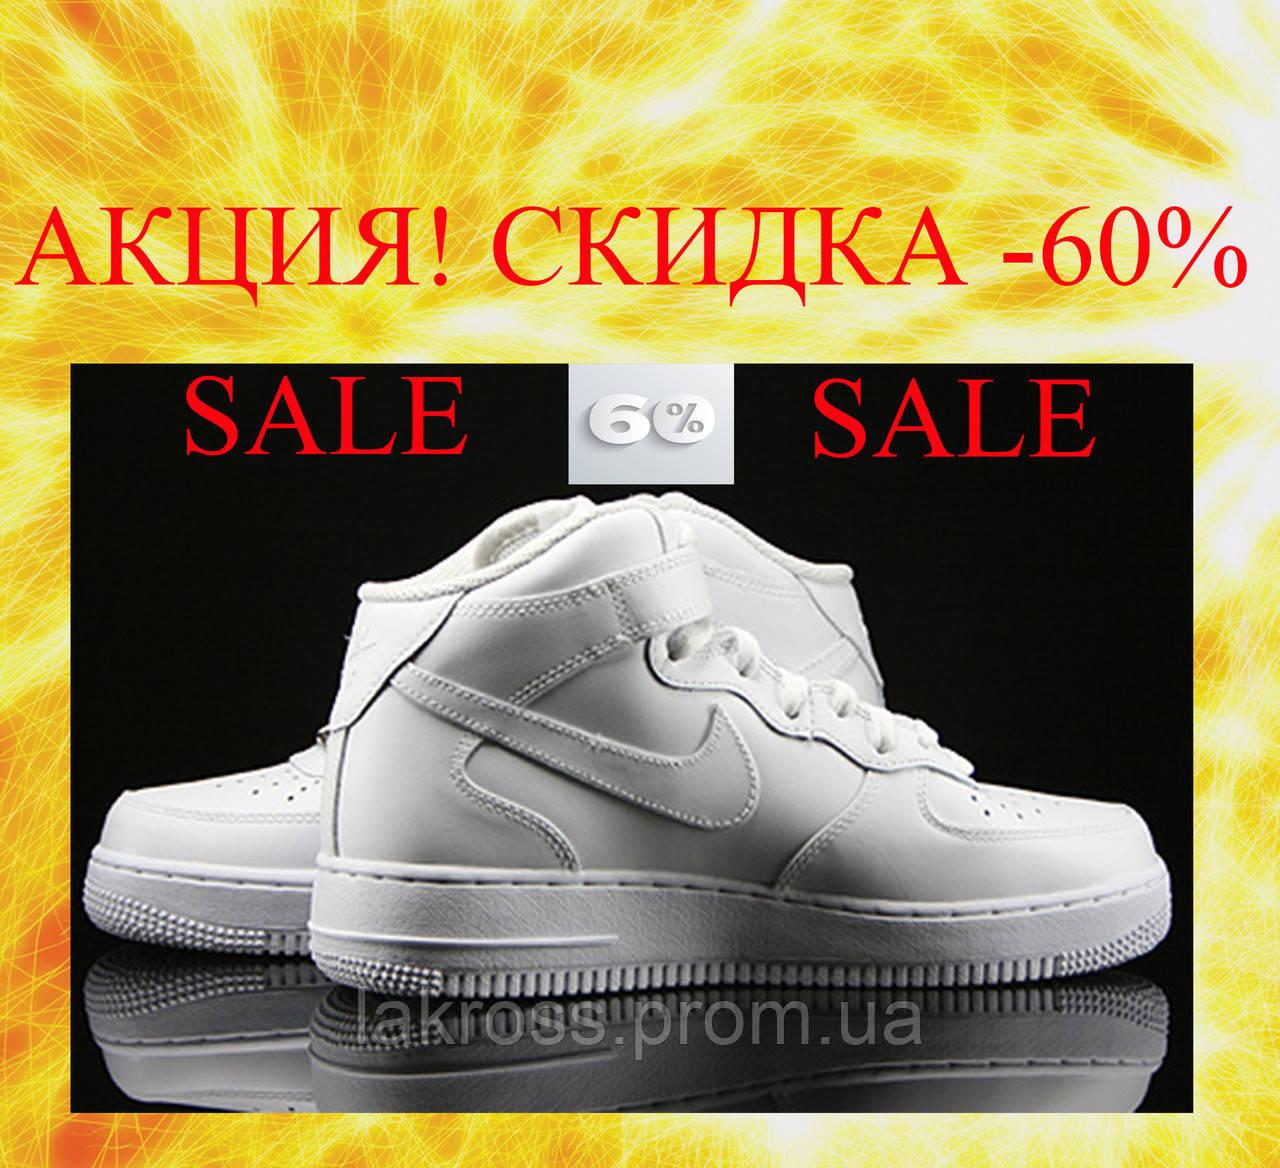 Кроссовки Nike Air Force High White (БЕЛЫЕ) СКИДКА -60% — в ... 7fc48da7046